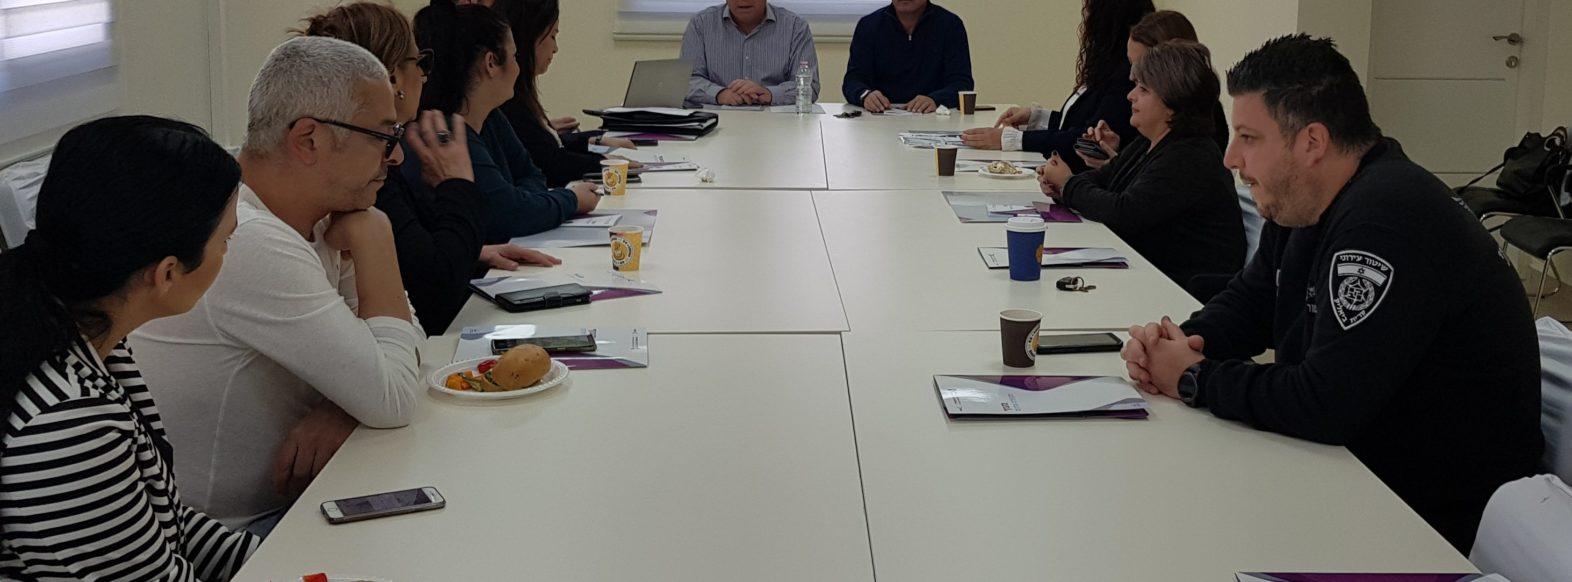 דוקורסקי מקדם את העסקים בעיר: מקים את וועדת היגוי לשיפור השרות